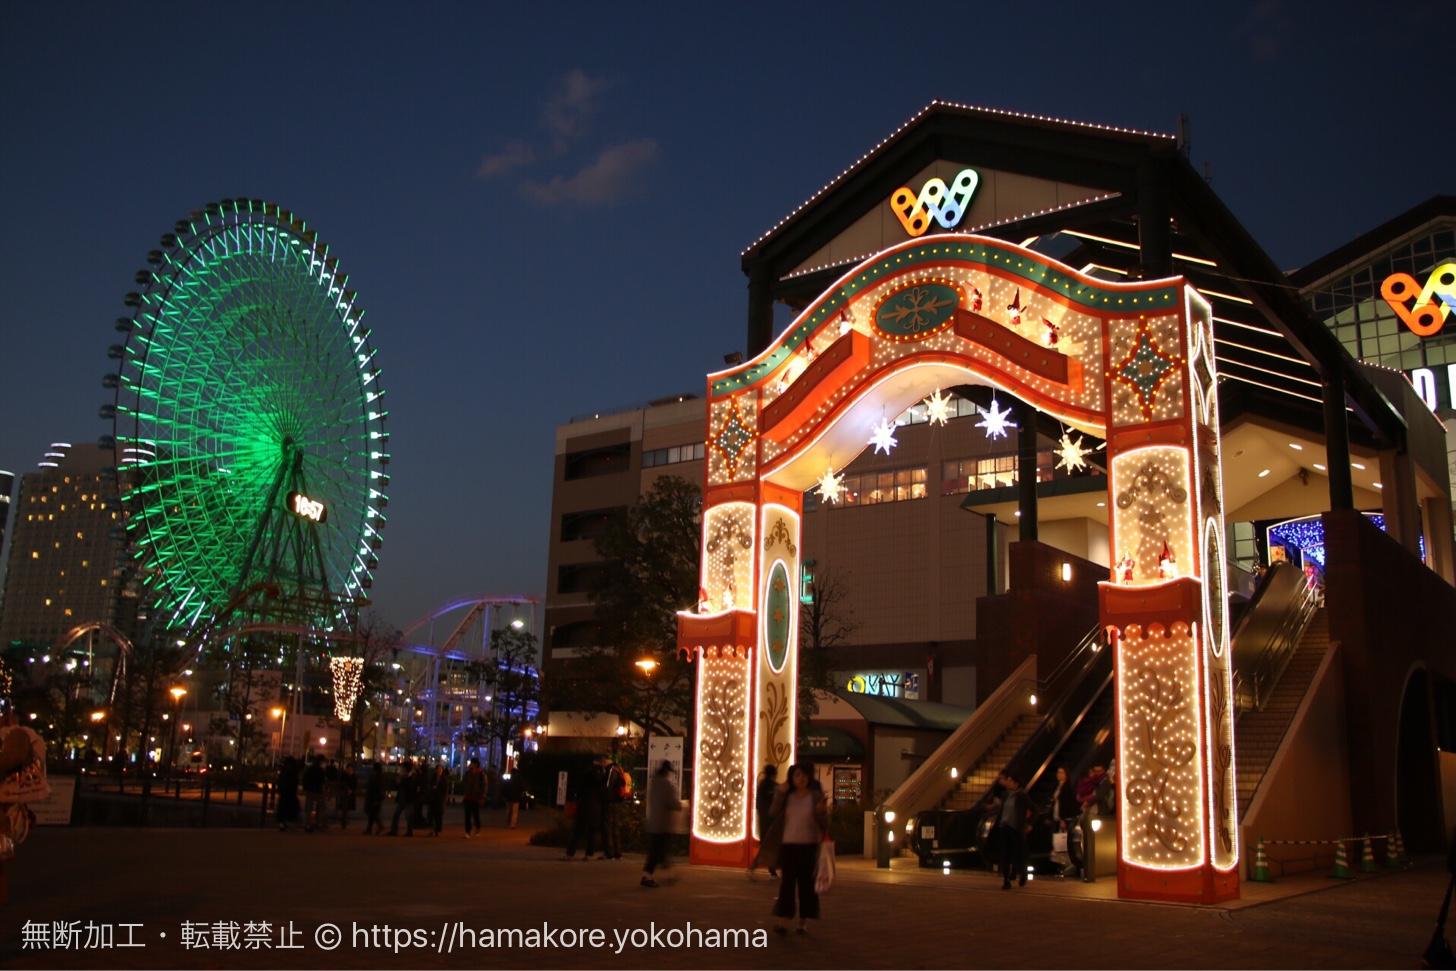 横浜ワールドポーターズ クリスマスイルミネーション